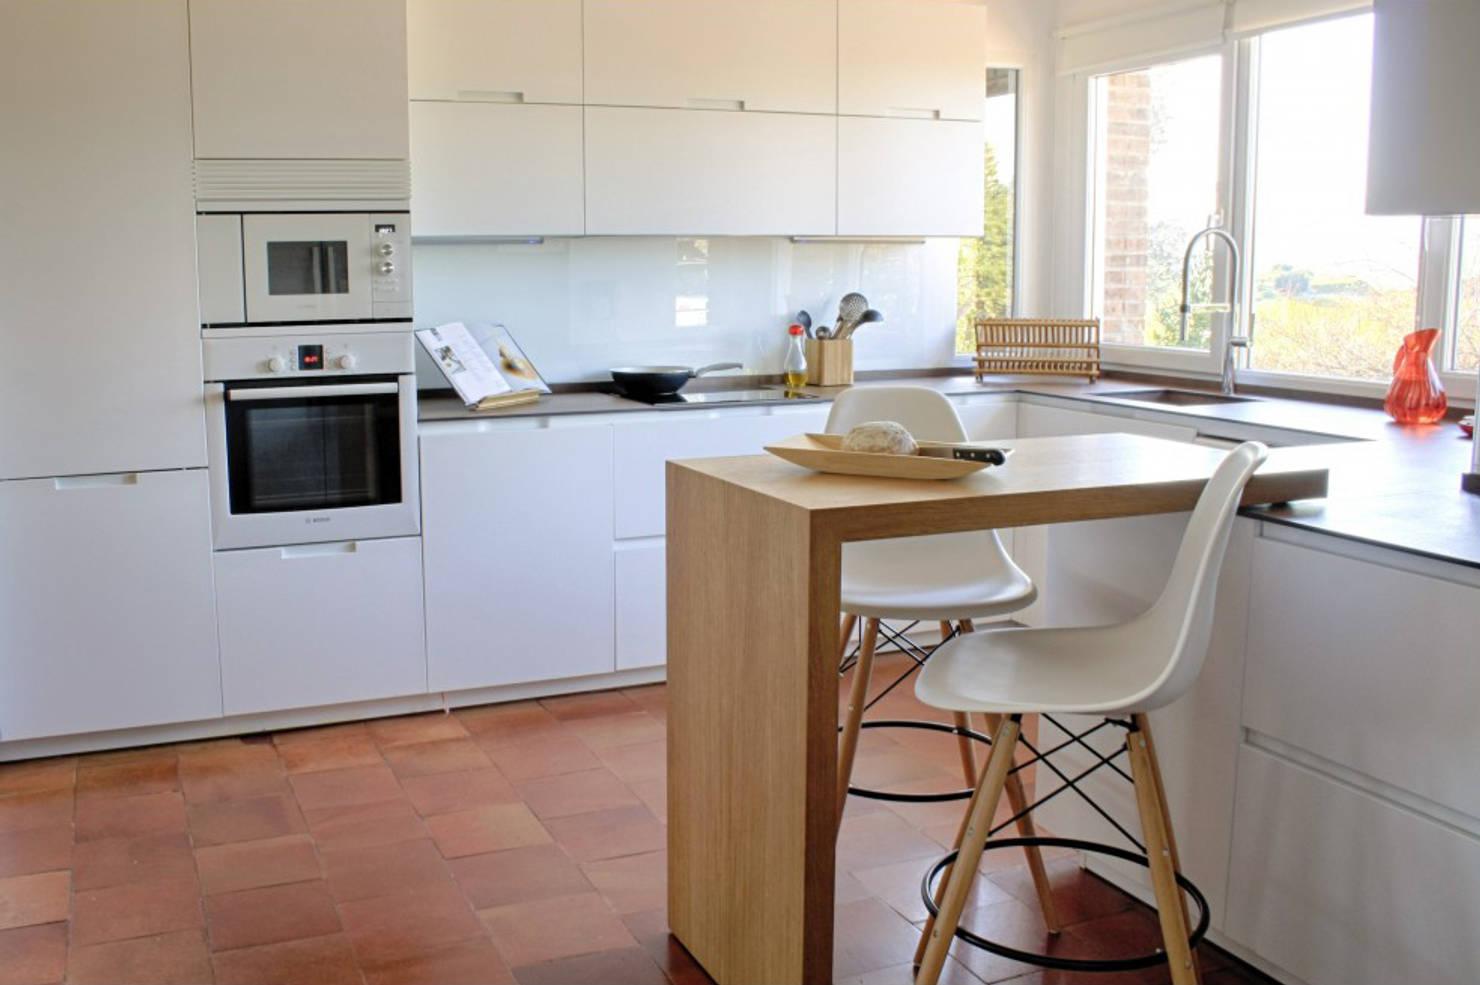 12 cocinas pequeñas, ideales ¡y económicas!